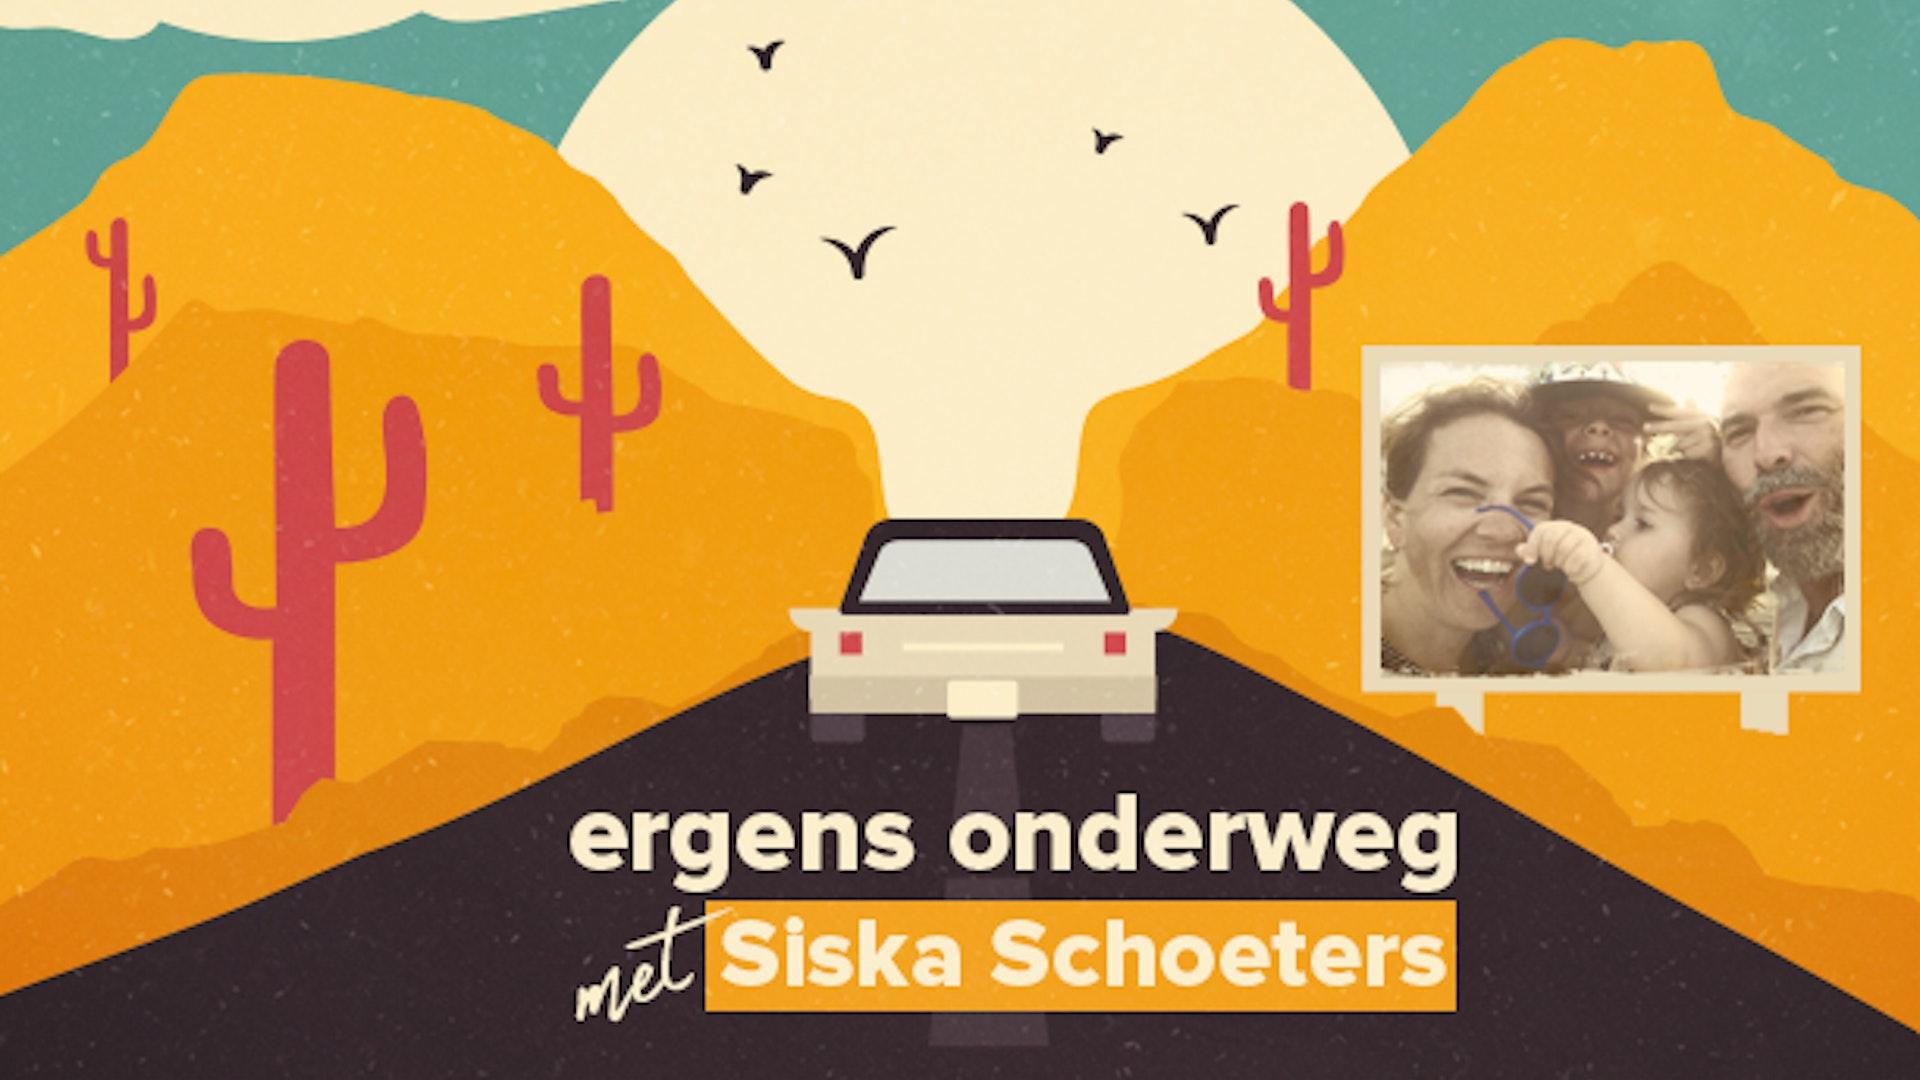 Ergens onderweg met Siska Schoeters